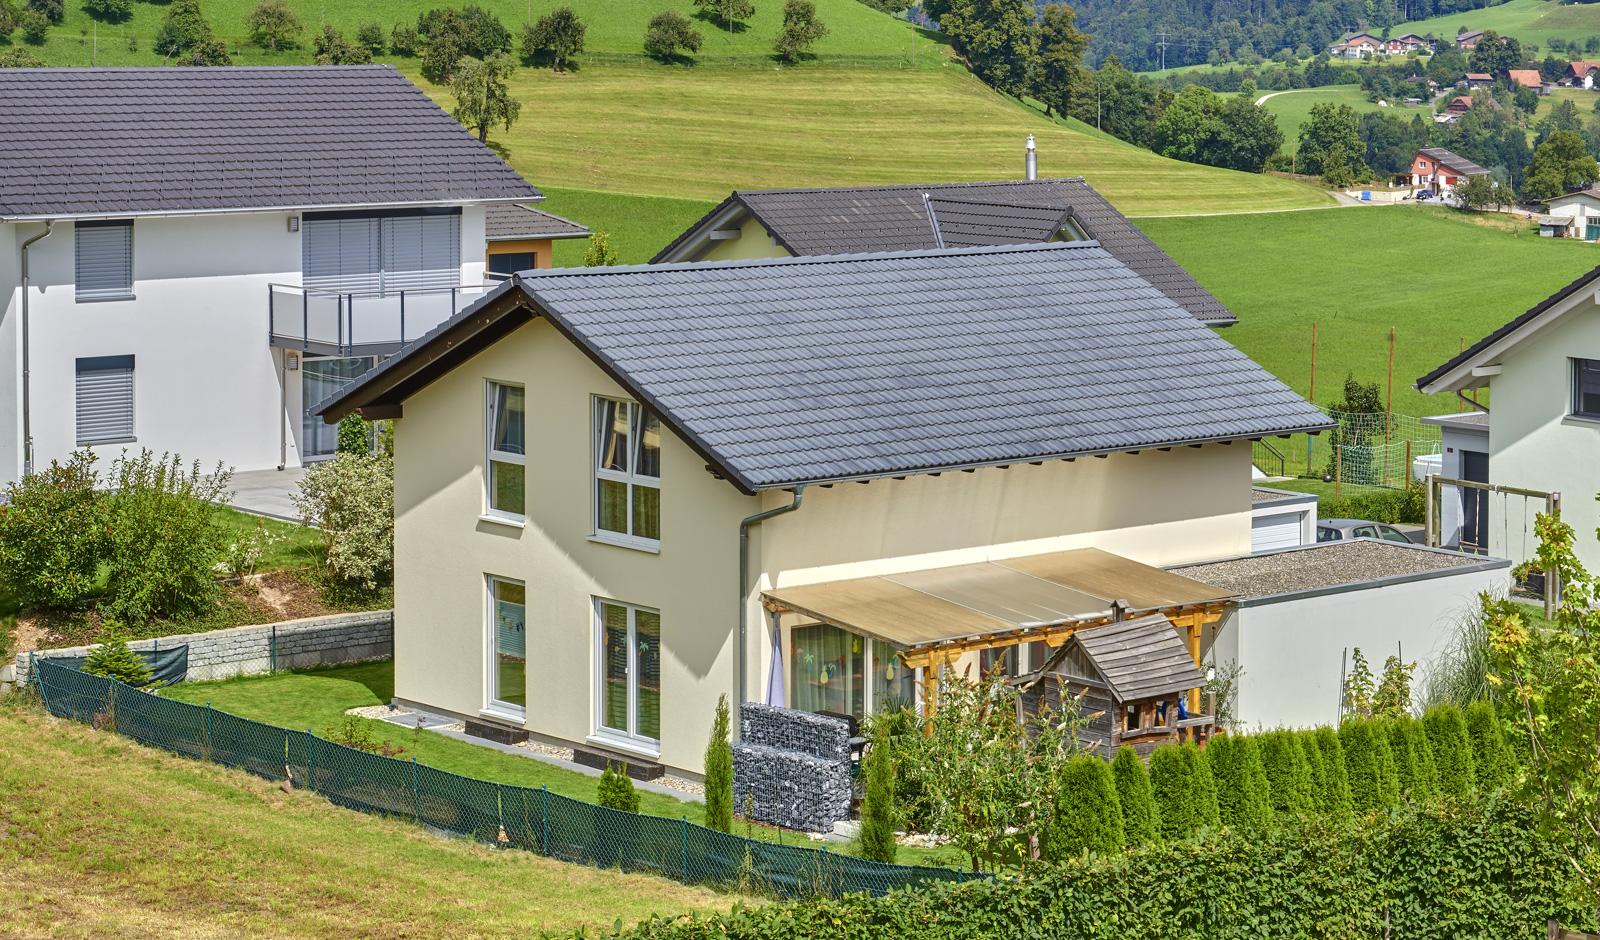 Das ideale Haus für Familie mit Kindern